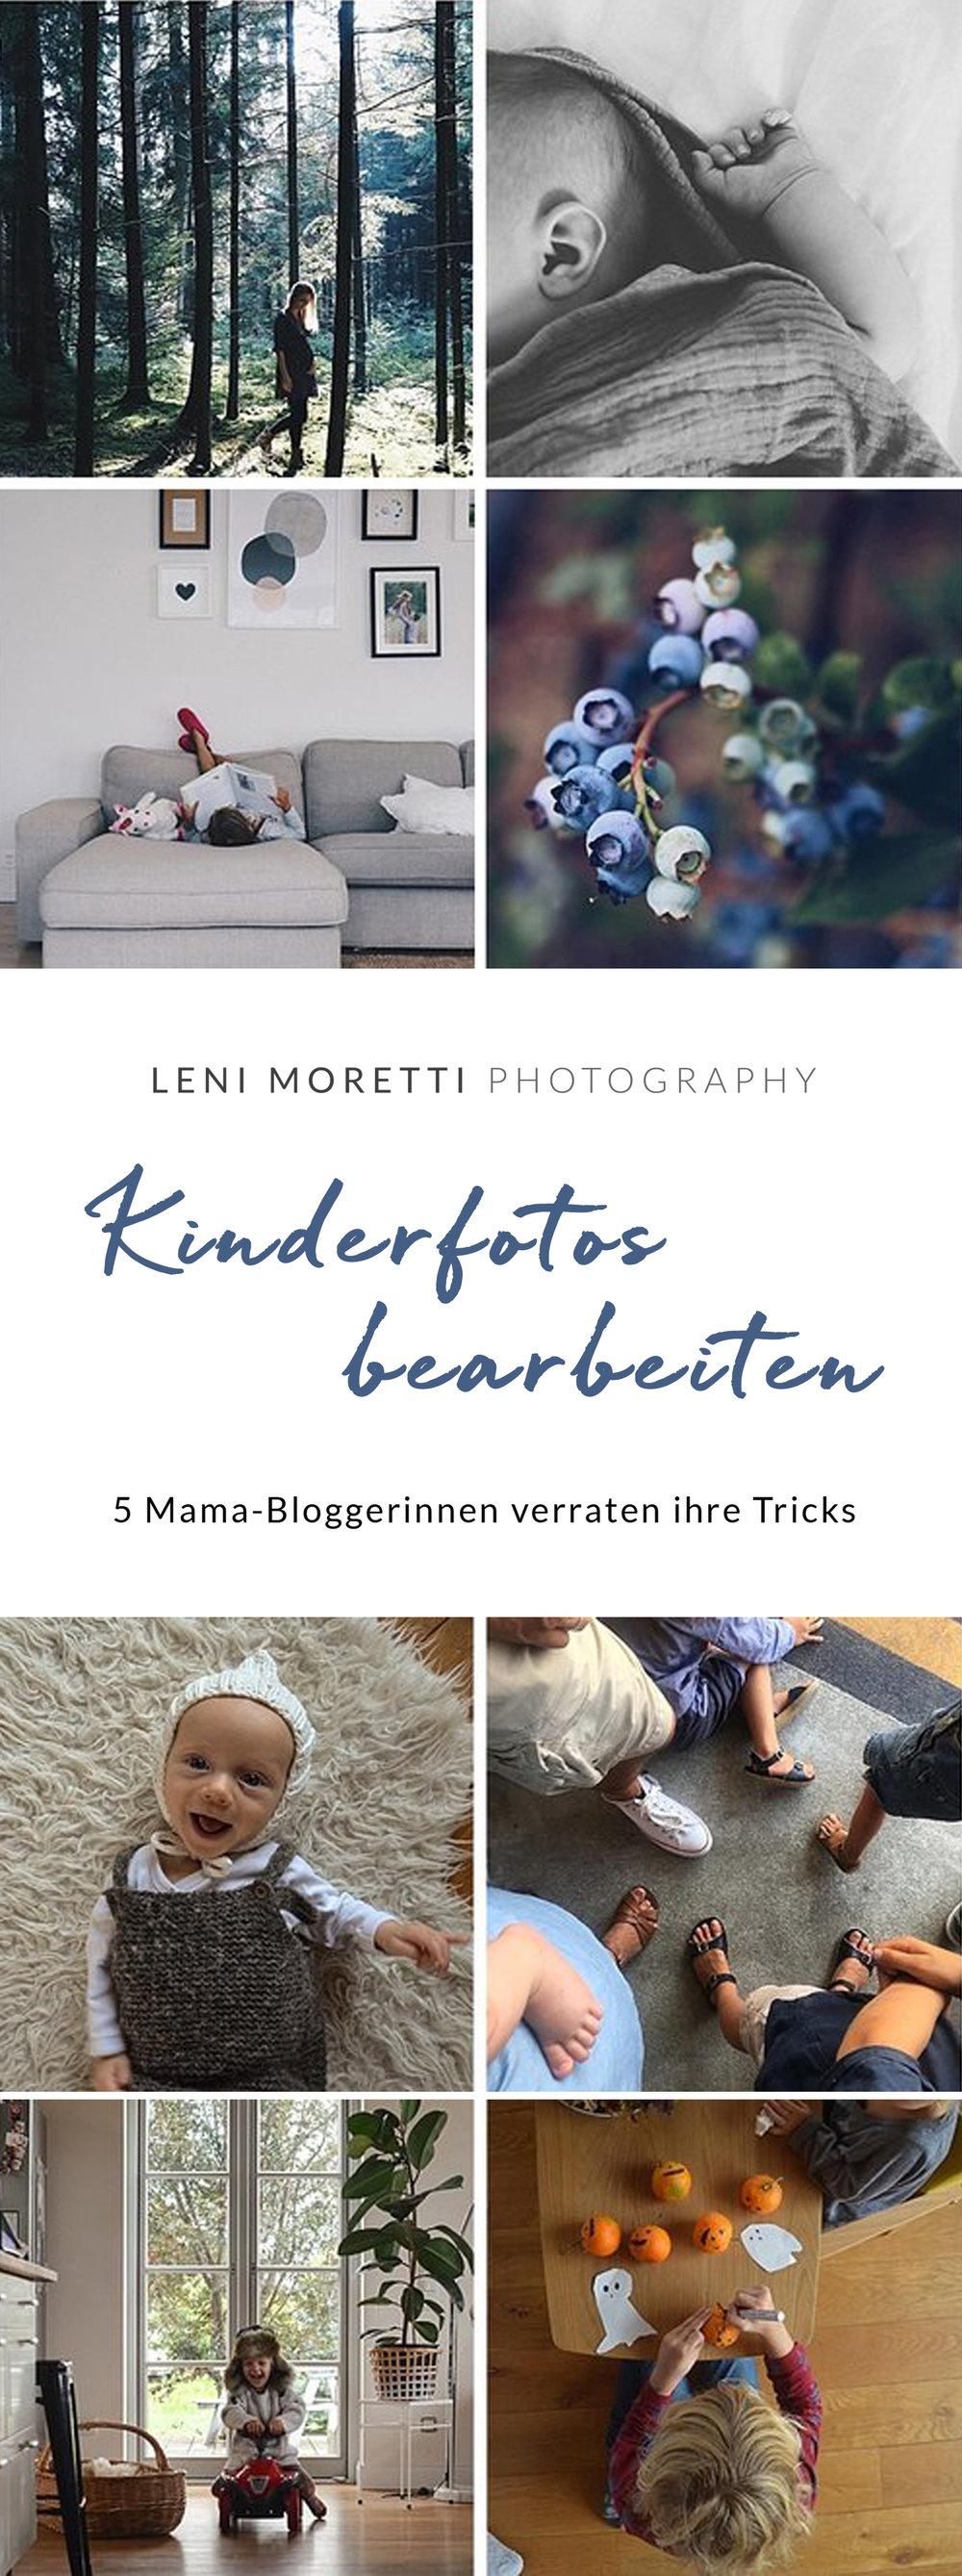 Bildbearbeitung von Kinderfotos. Merke Dir diesen Pin auf Pinterest! © lenimoretti.com